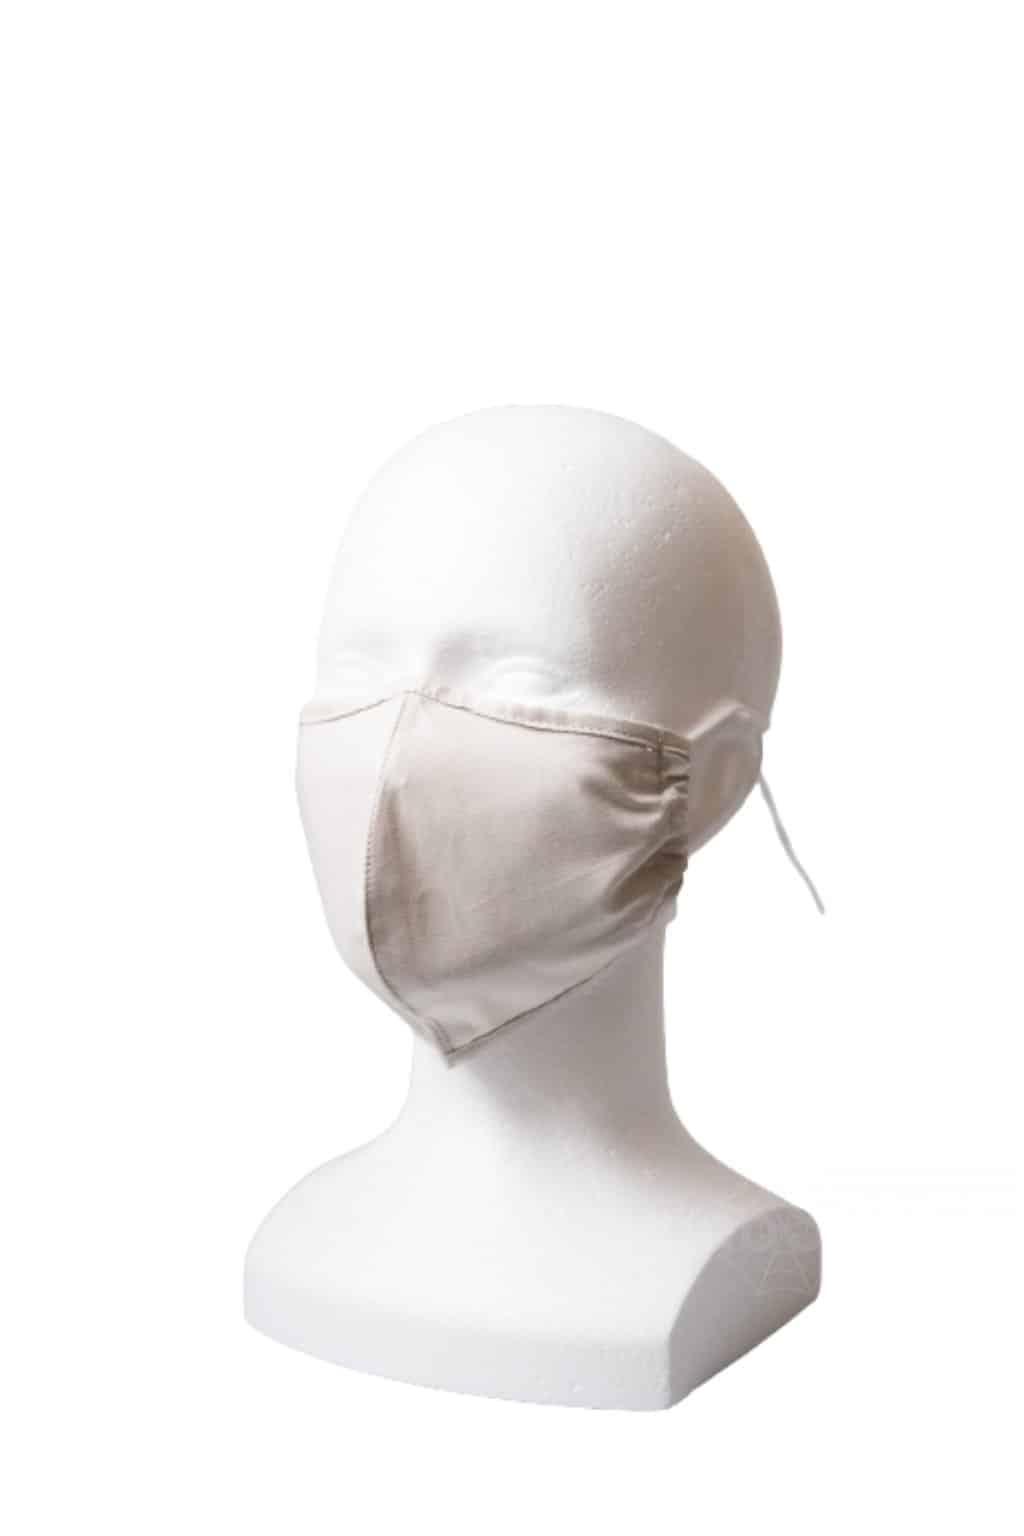 Levně N4H Rouška s kapsou YourFASHION SilverPlus | šedá | 1 rouška + 10 filtrů Barva: šedá, Velikost: S/M gumičky + šňůrky